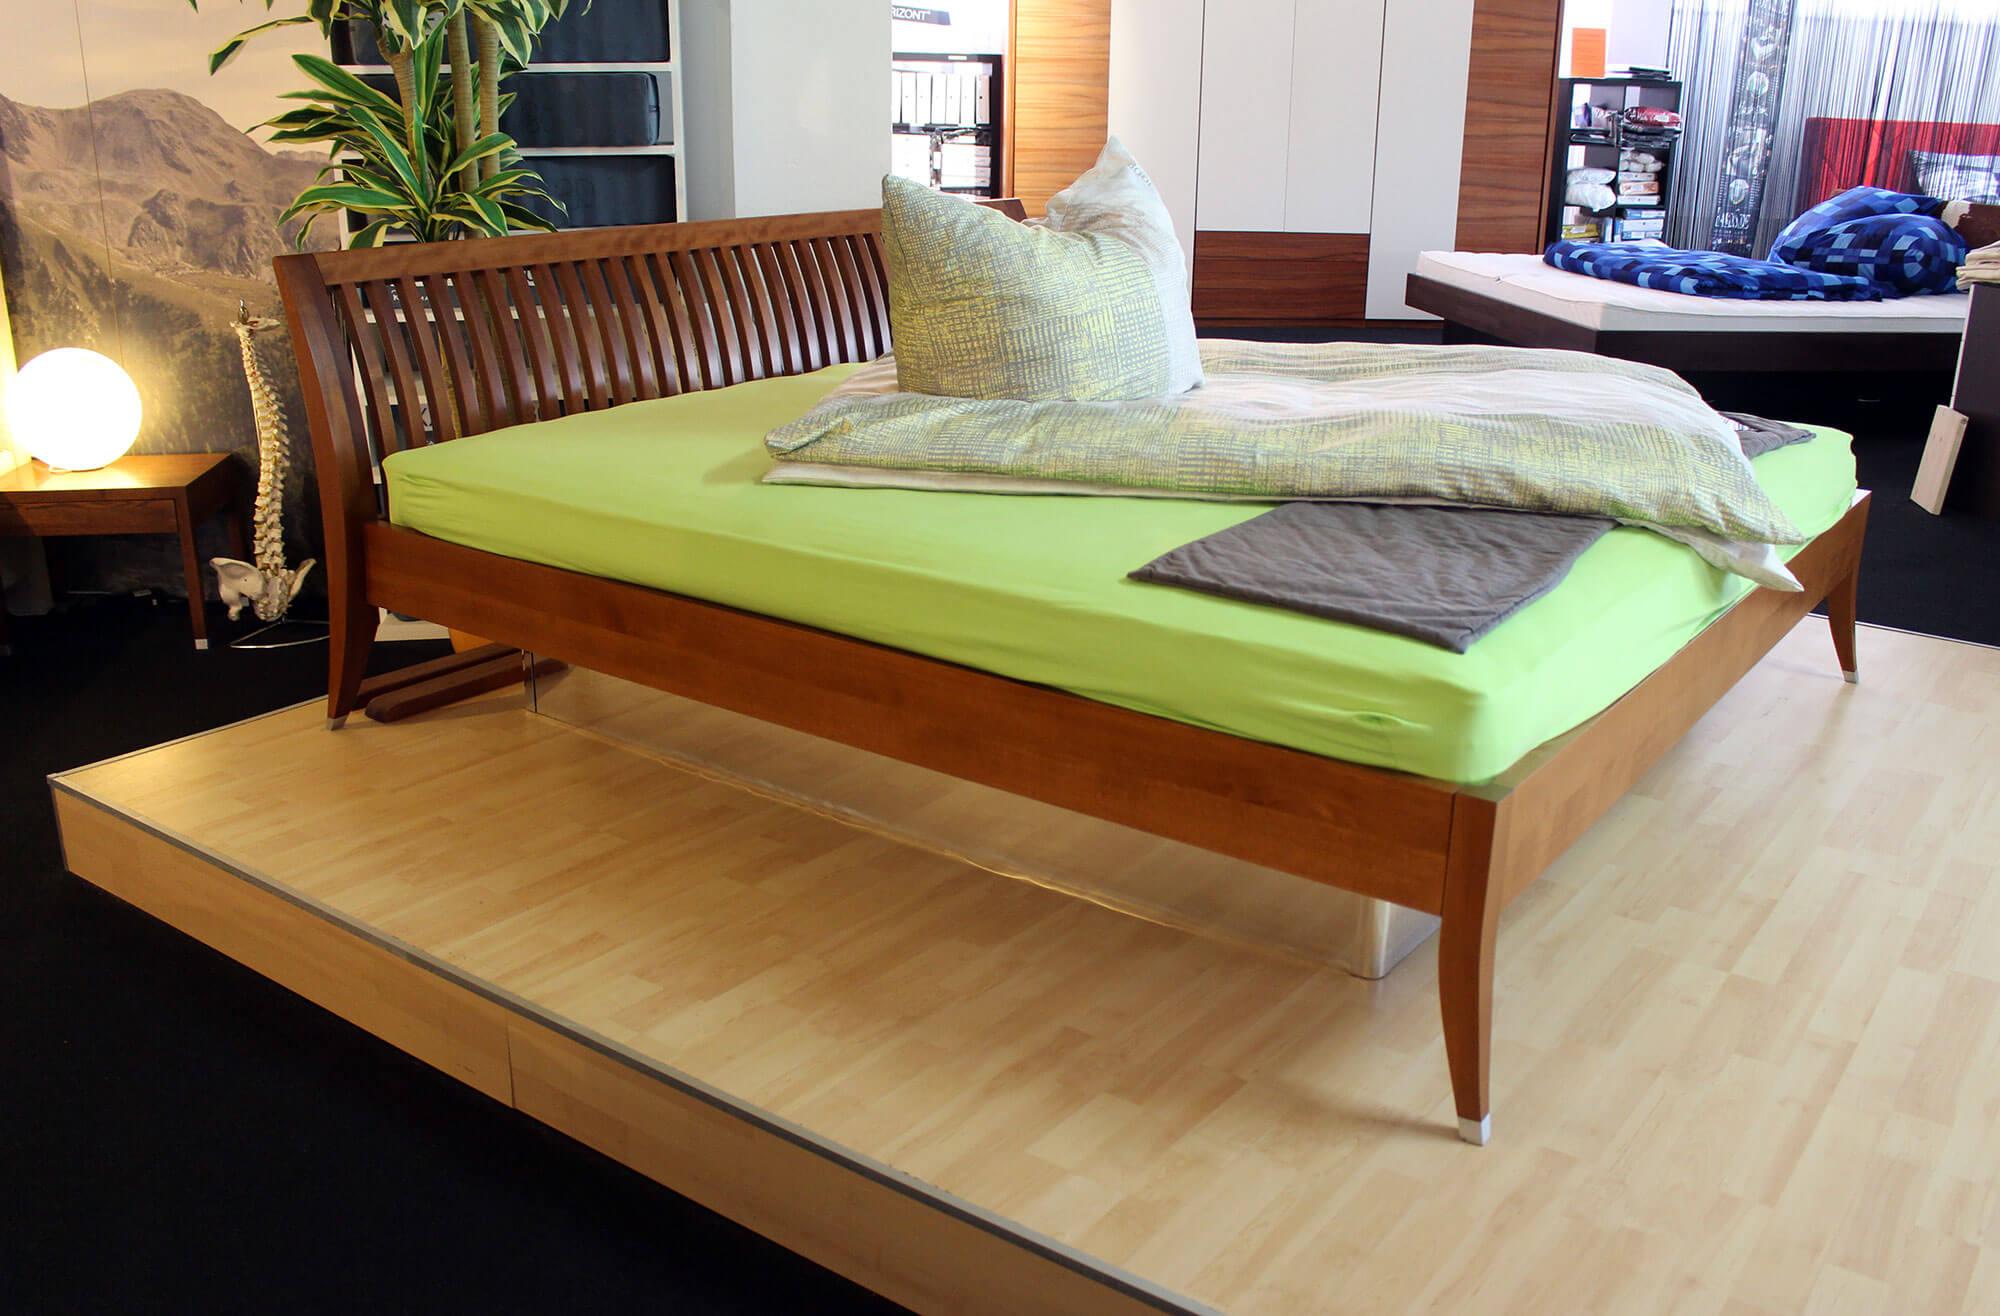 sonderangebote bei bestbed in w rzburg. Black Bedroom Furniture Sets. Home Design Ideas